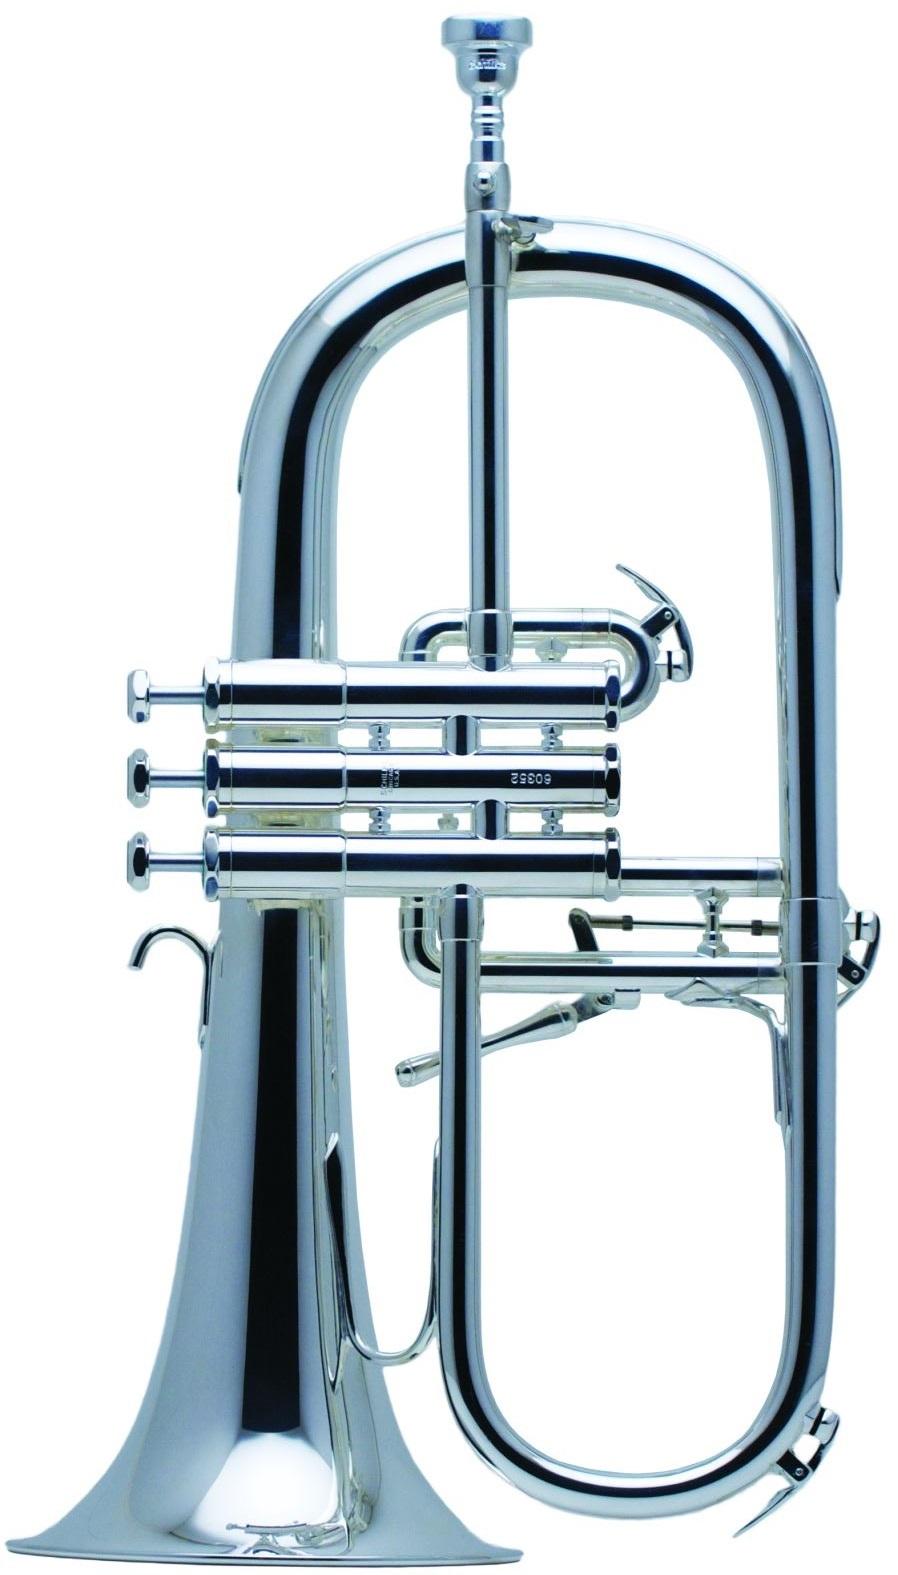 Schilke - 1040 FL - S - Blechblasinstrumente - Flügelhörner | MUSIK BERTRAM Deutschland Freiburg